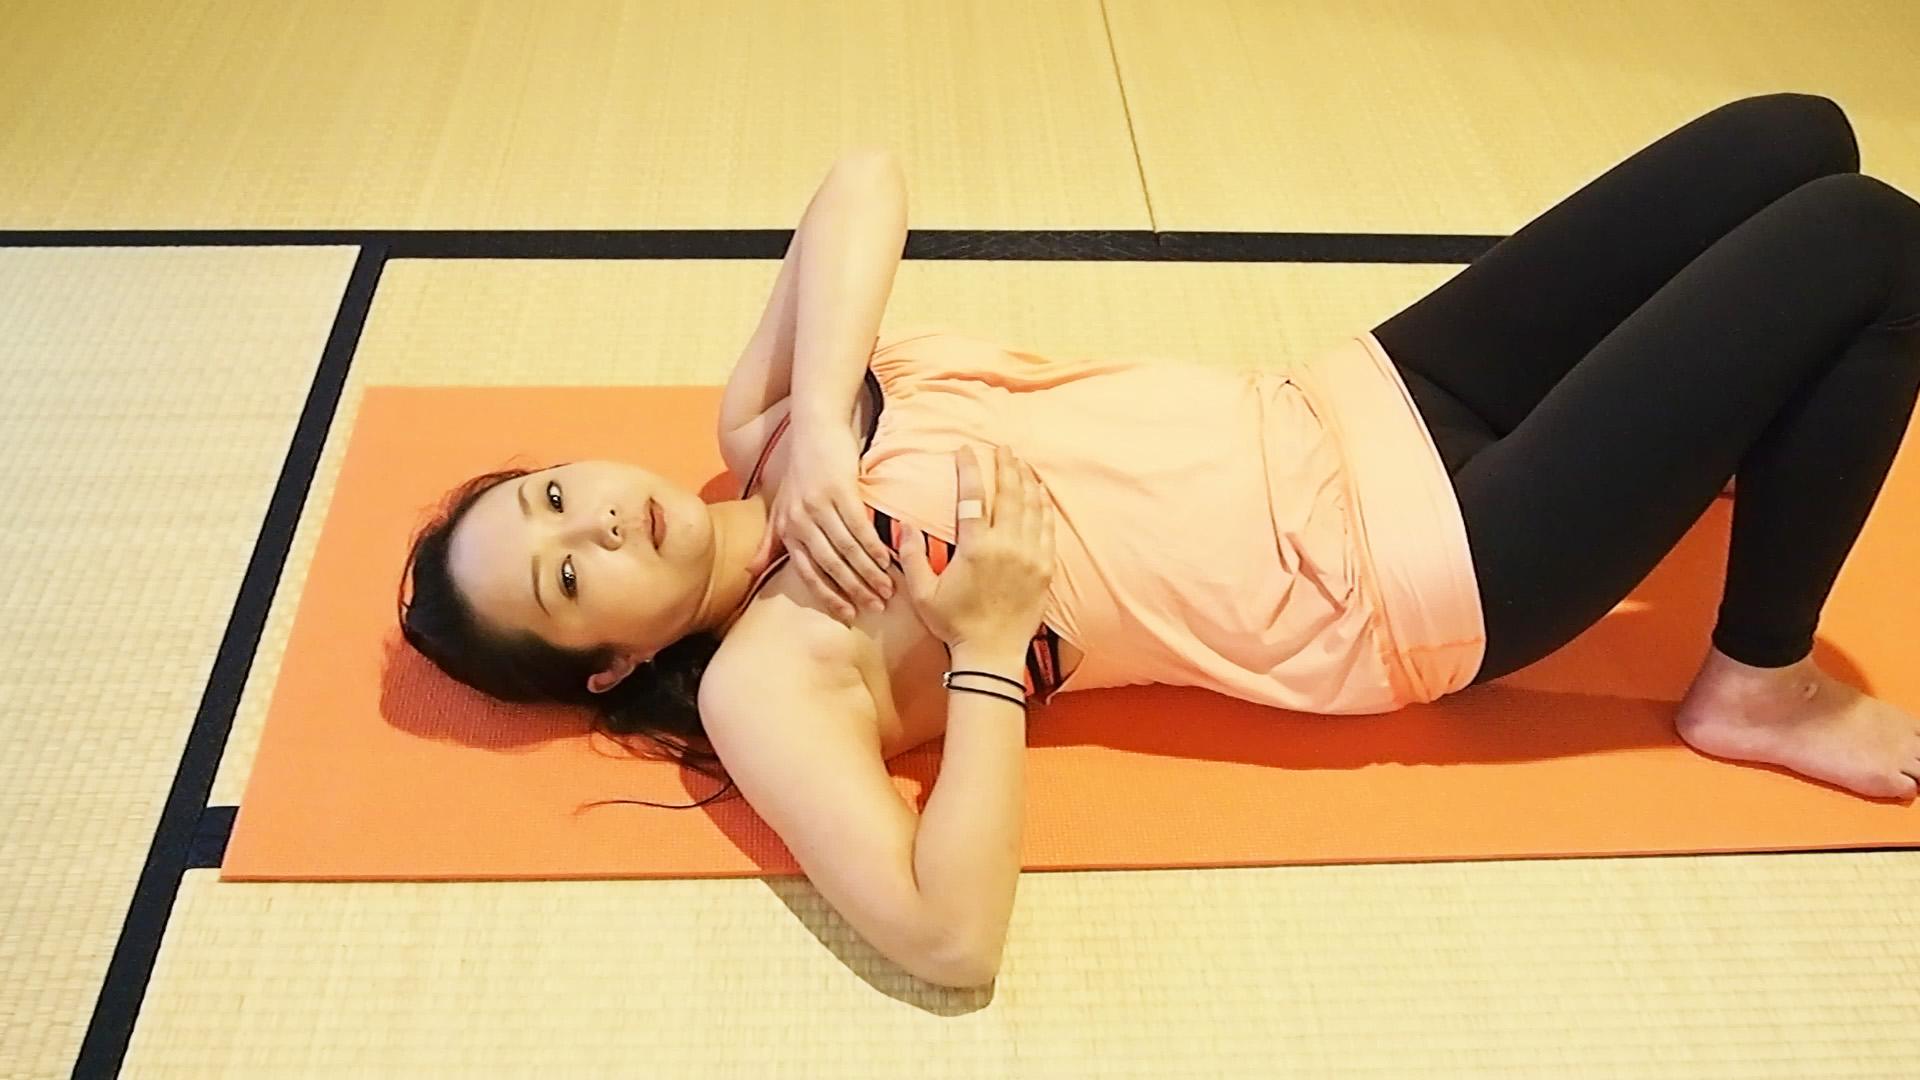 産後の垂れ胸防止!簡単バストアップエクササイズ!